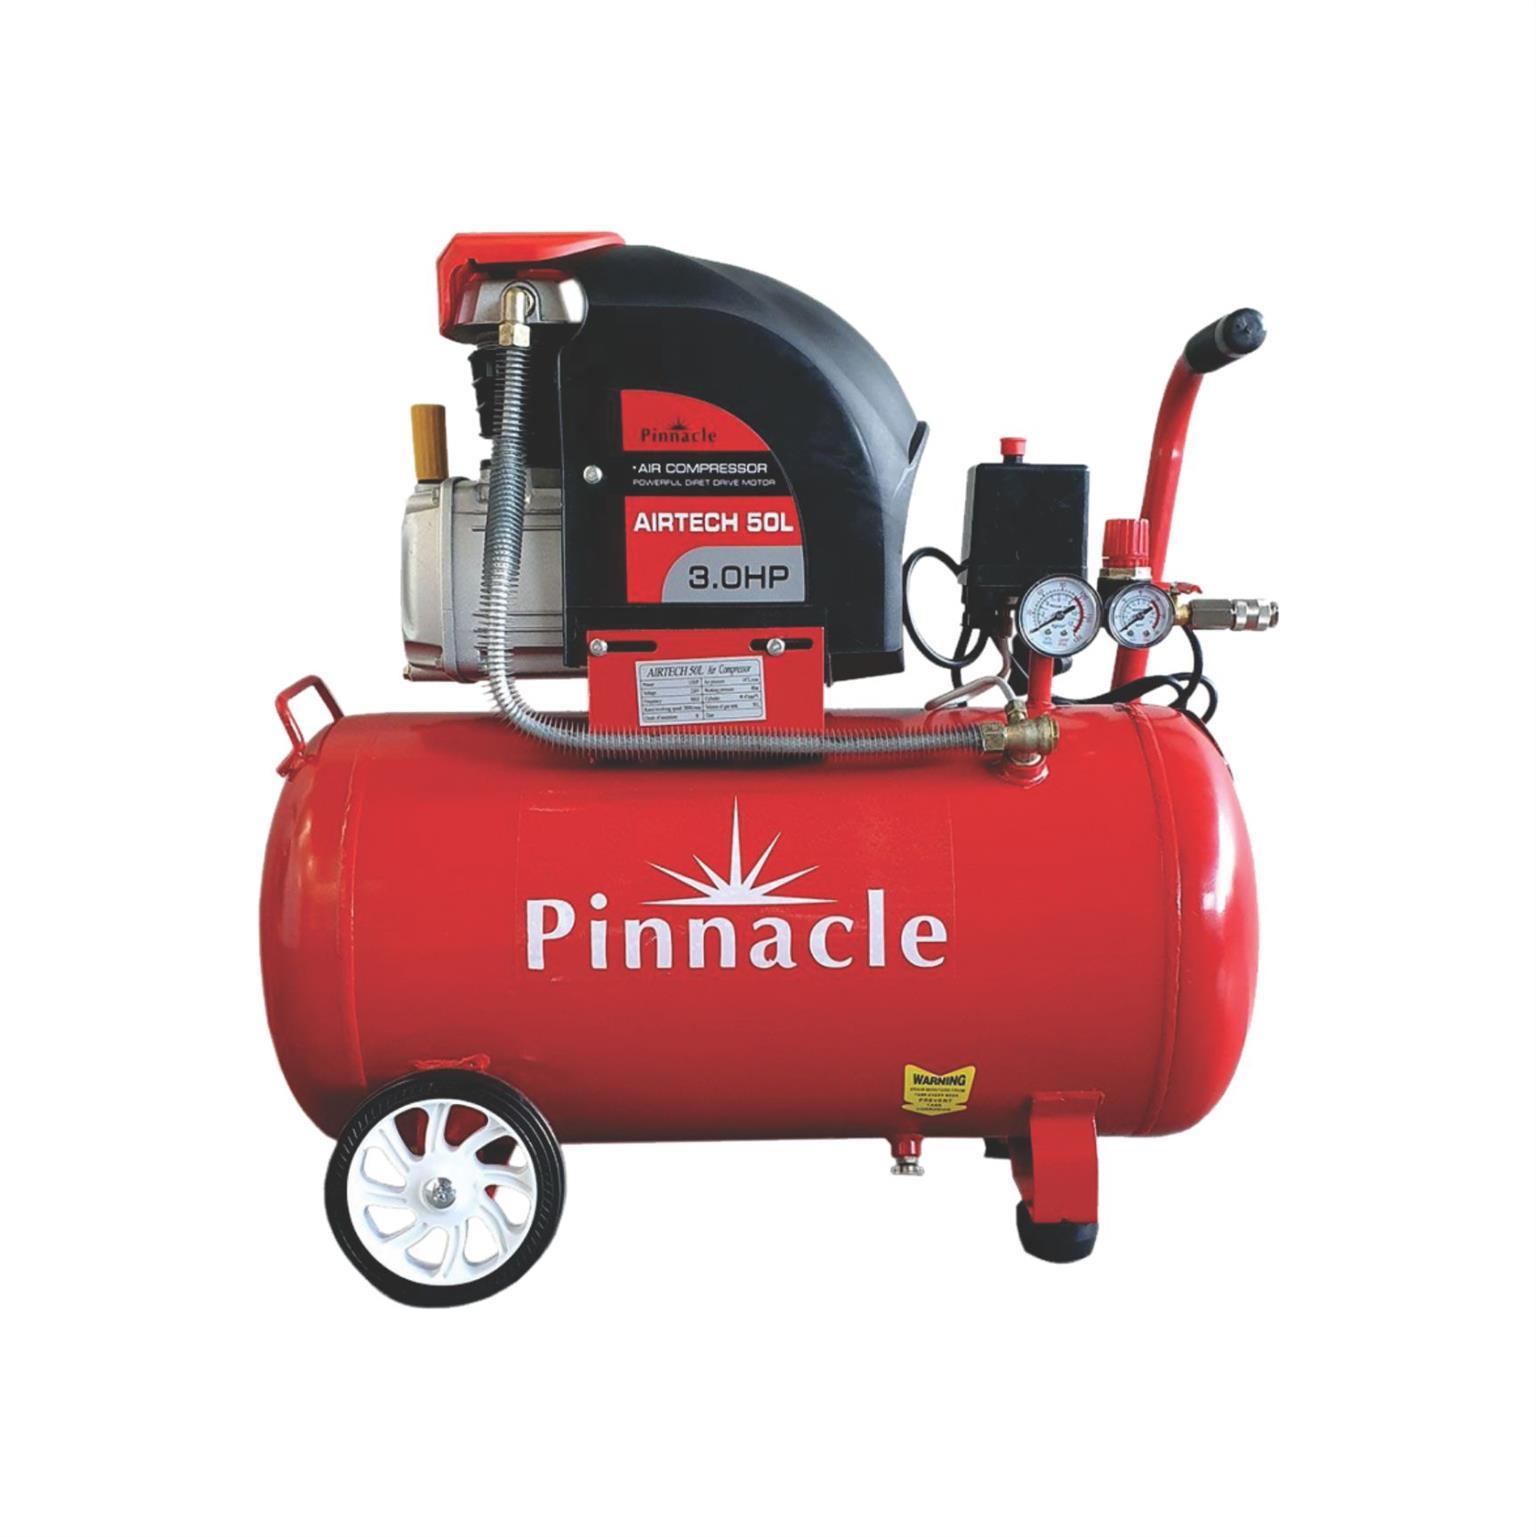 Pinnacle Air Compressor